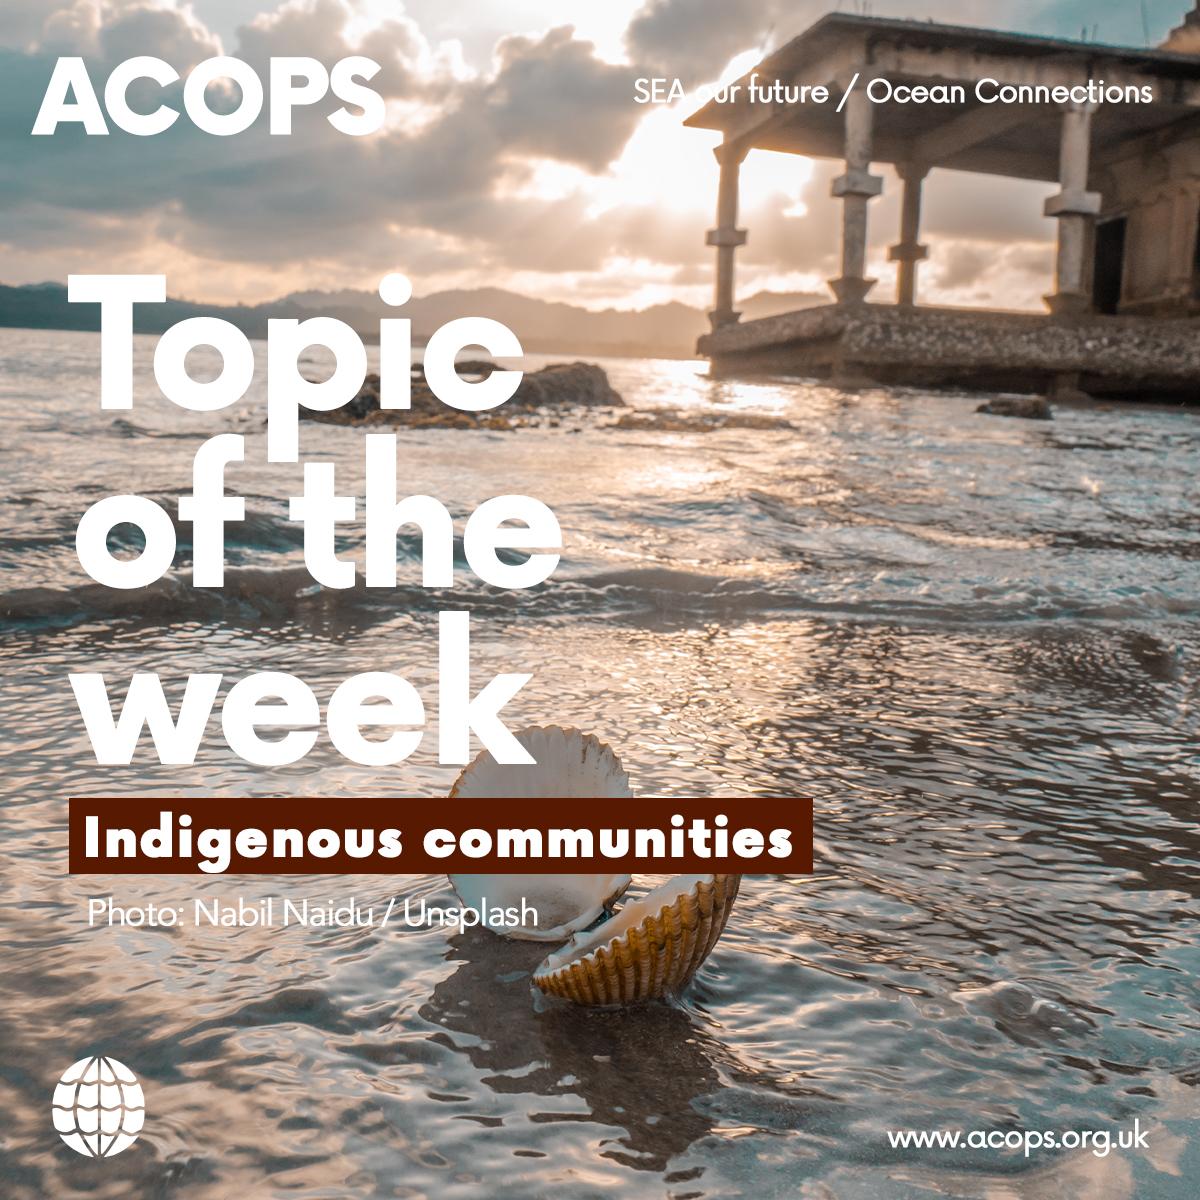 Indigenous communities